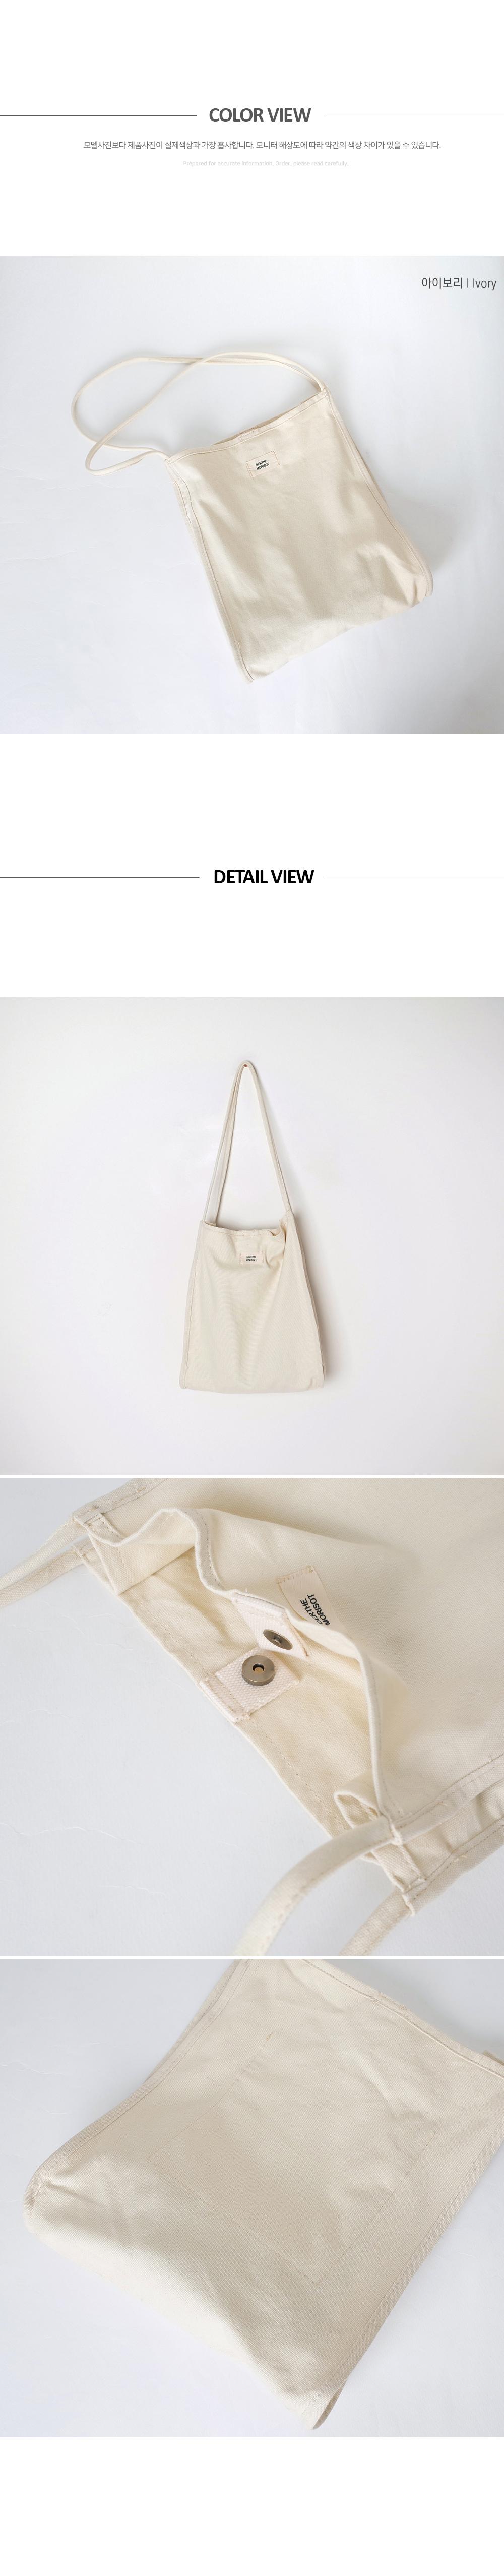 Universal Eco Bag Anywhere